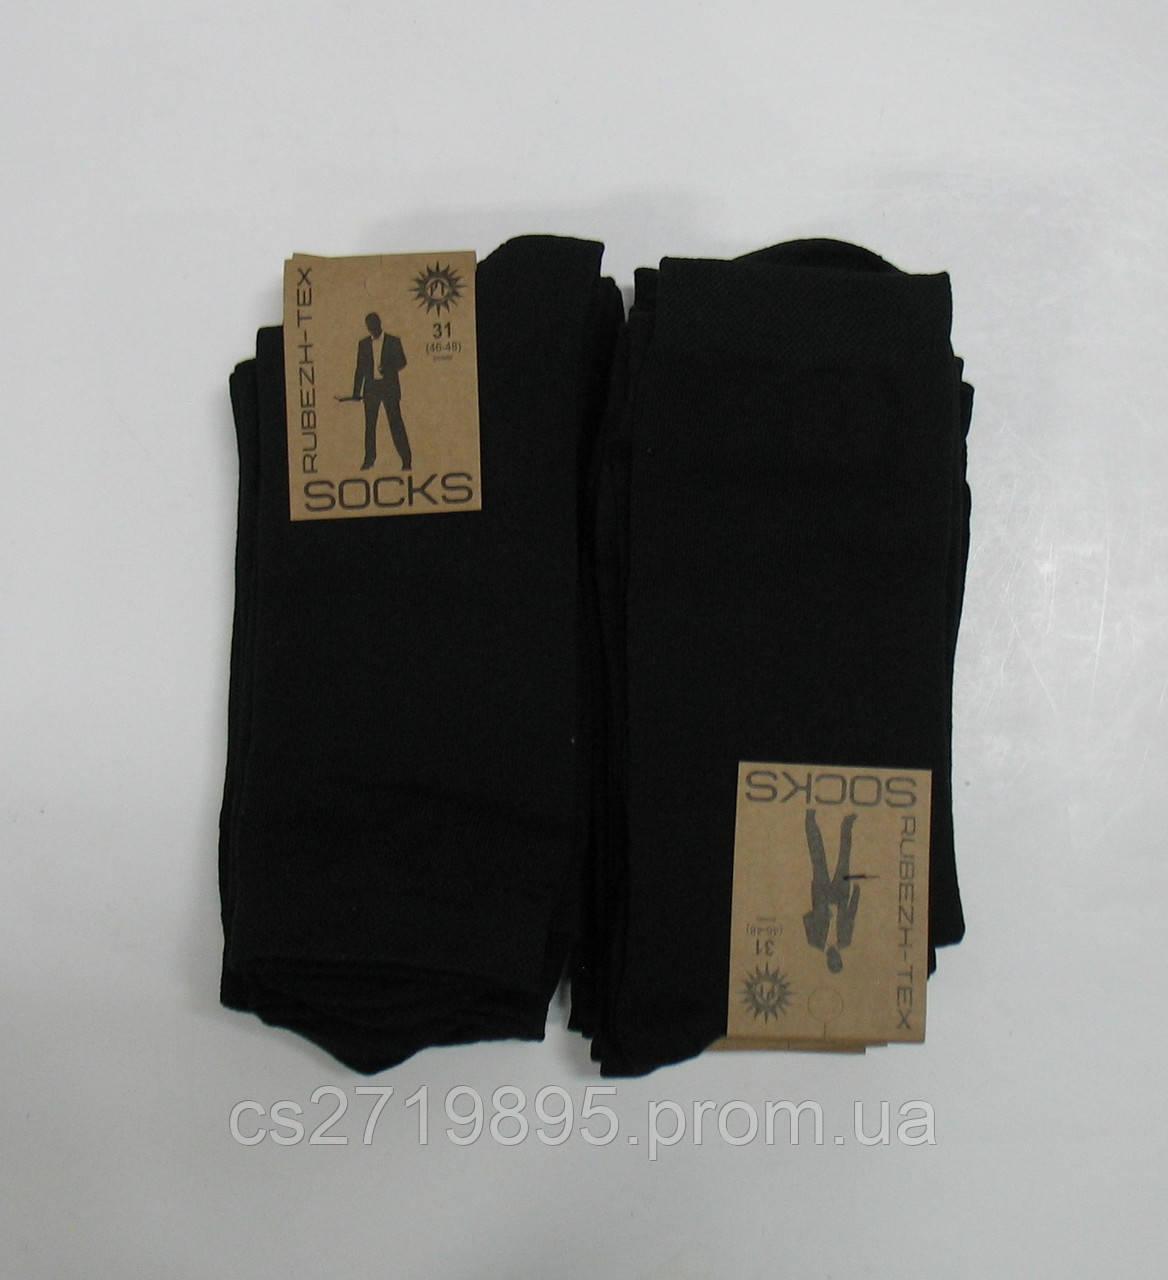 Носки мужские РУБЕЖНОЕ стрейчевые 31 р